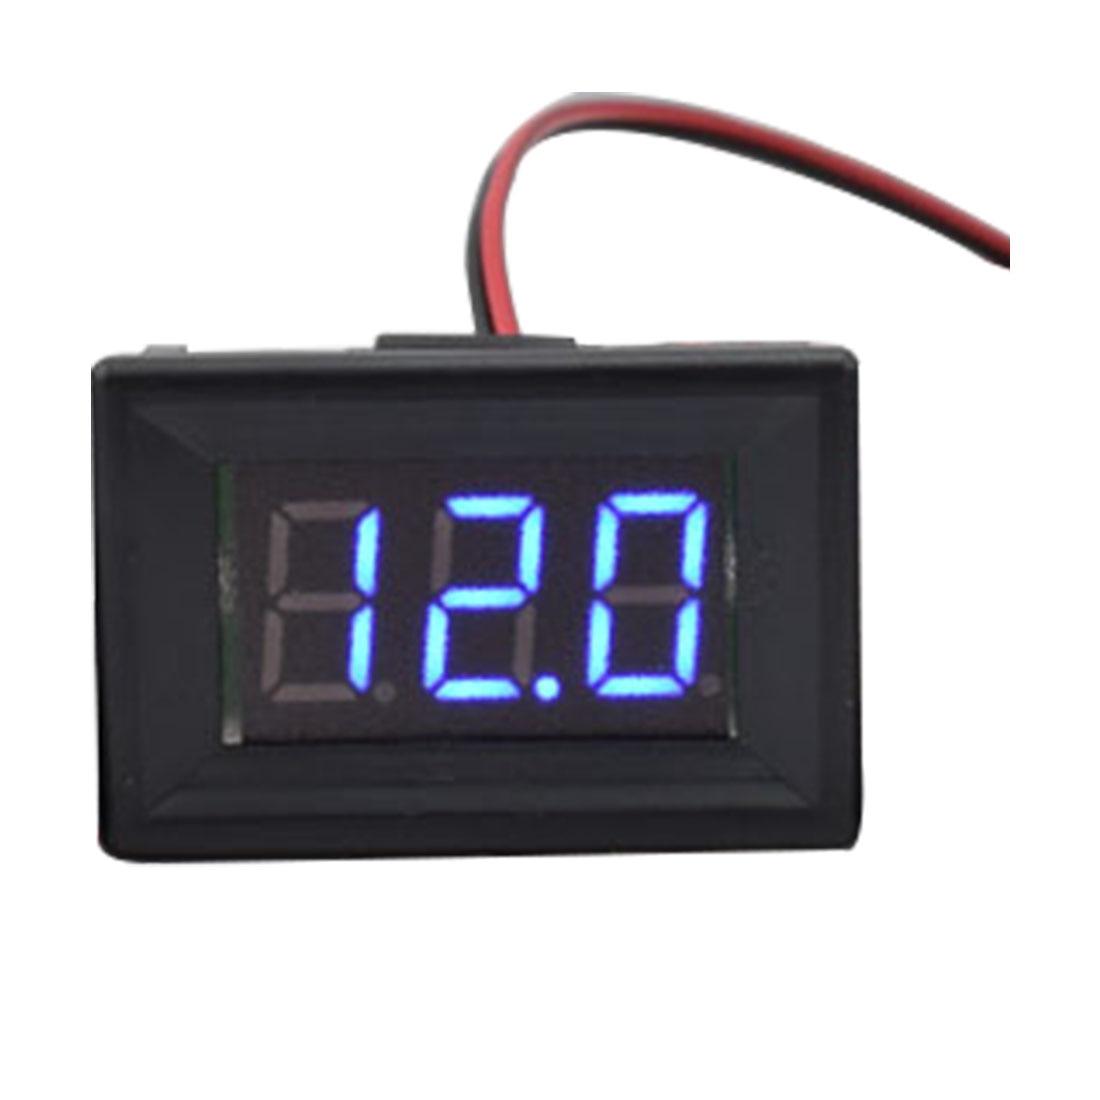 1pcs Digital Voltmeter Two Wires 0.36 Inch LED Display Blue DC 4.50V-30.0V Digital Panel Voltage Meter Voltage Indicator